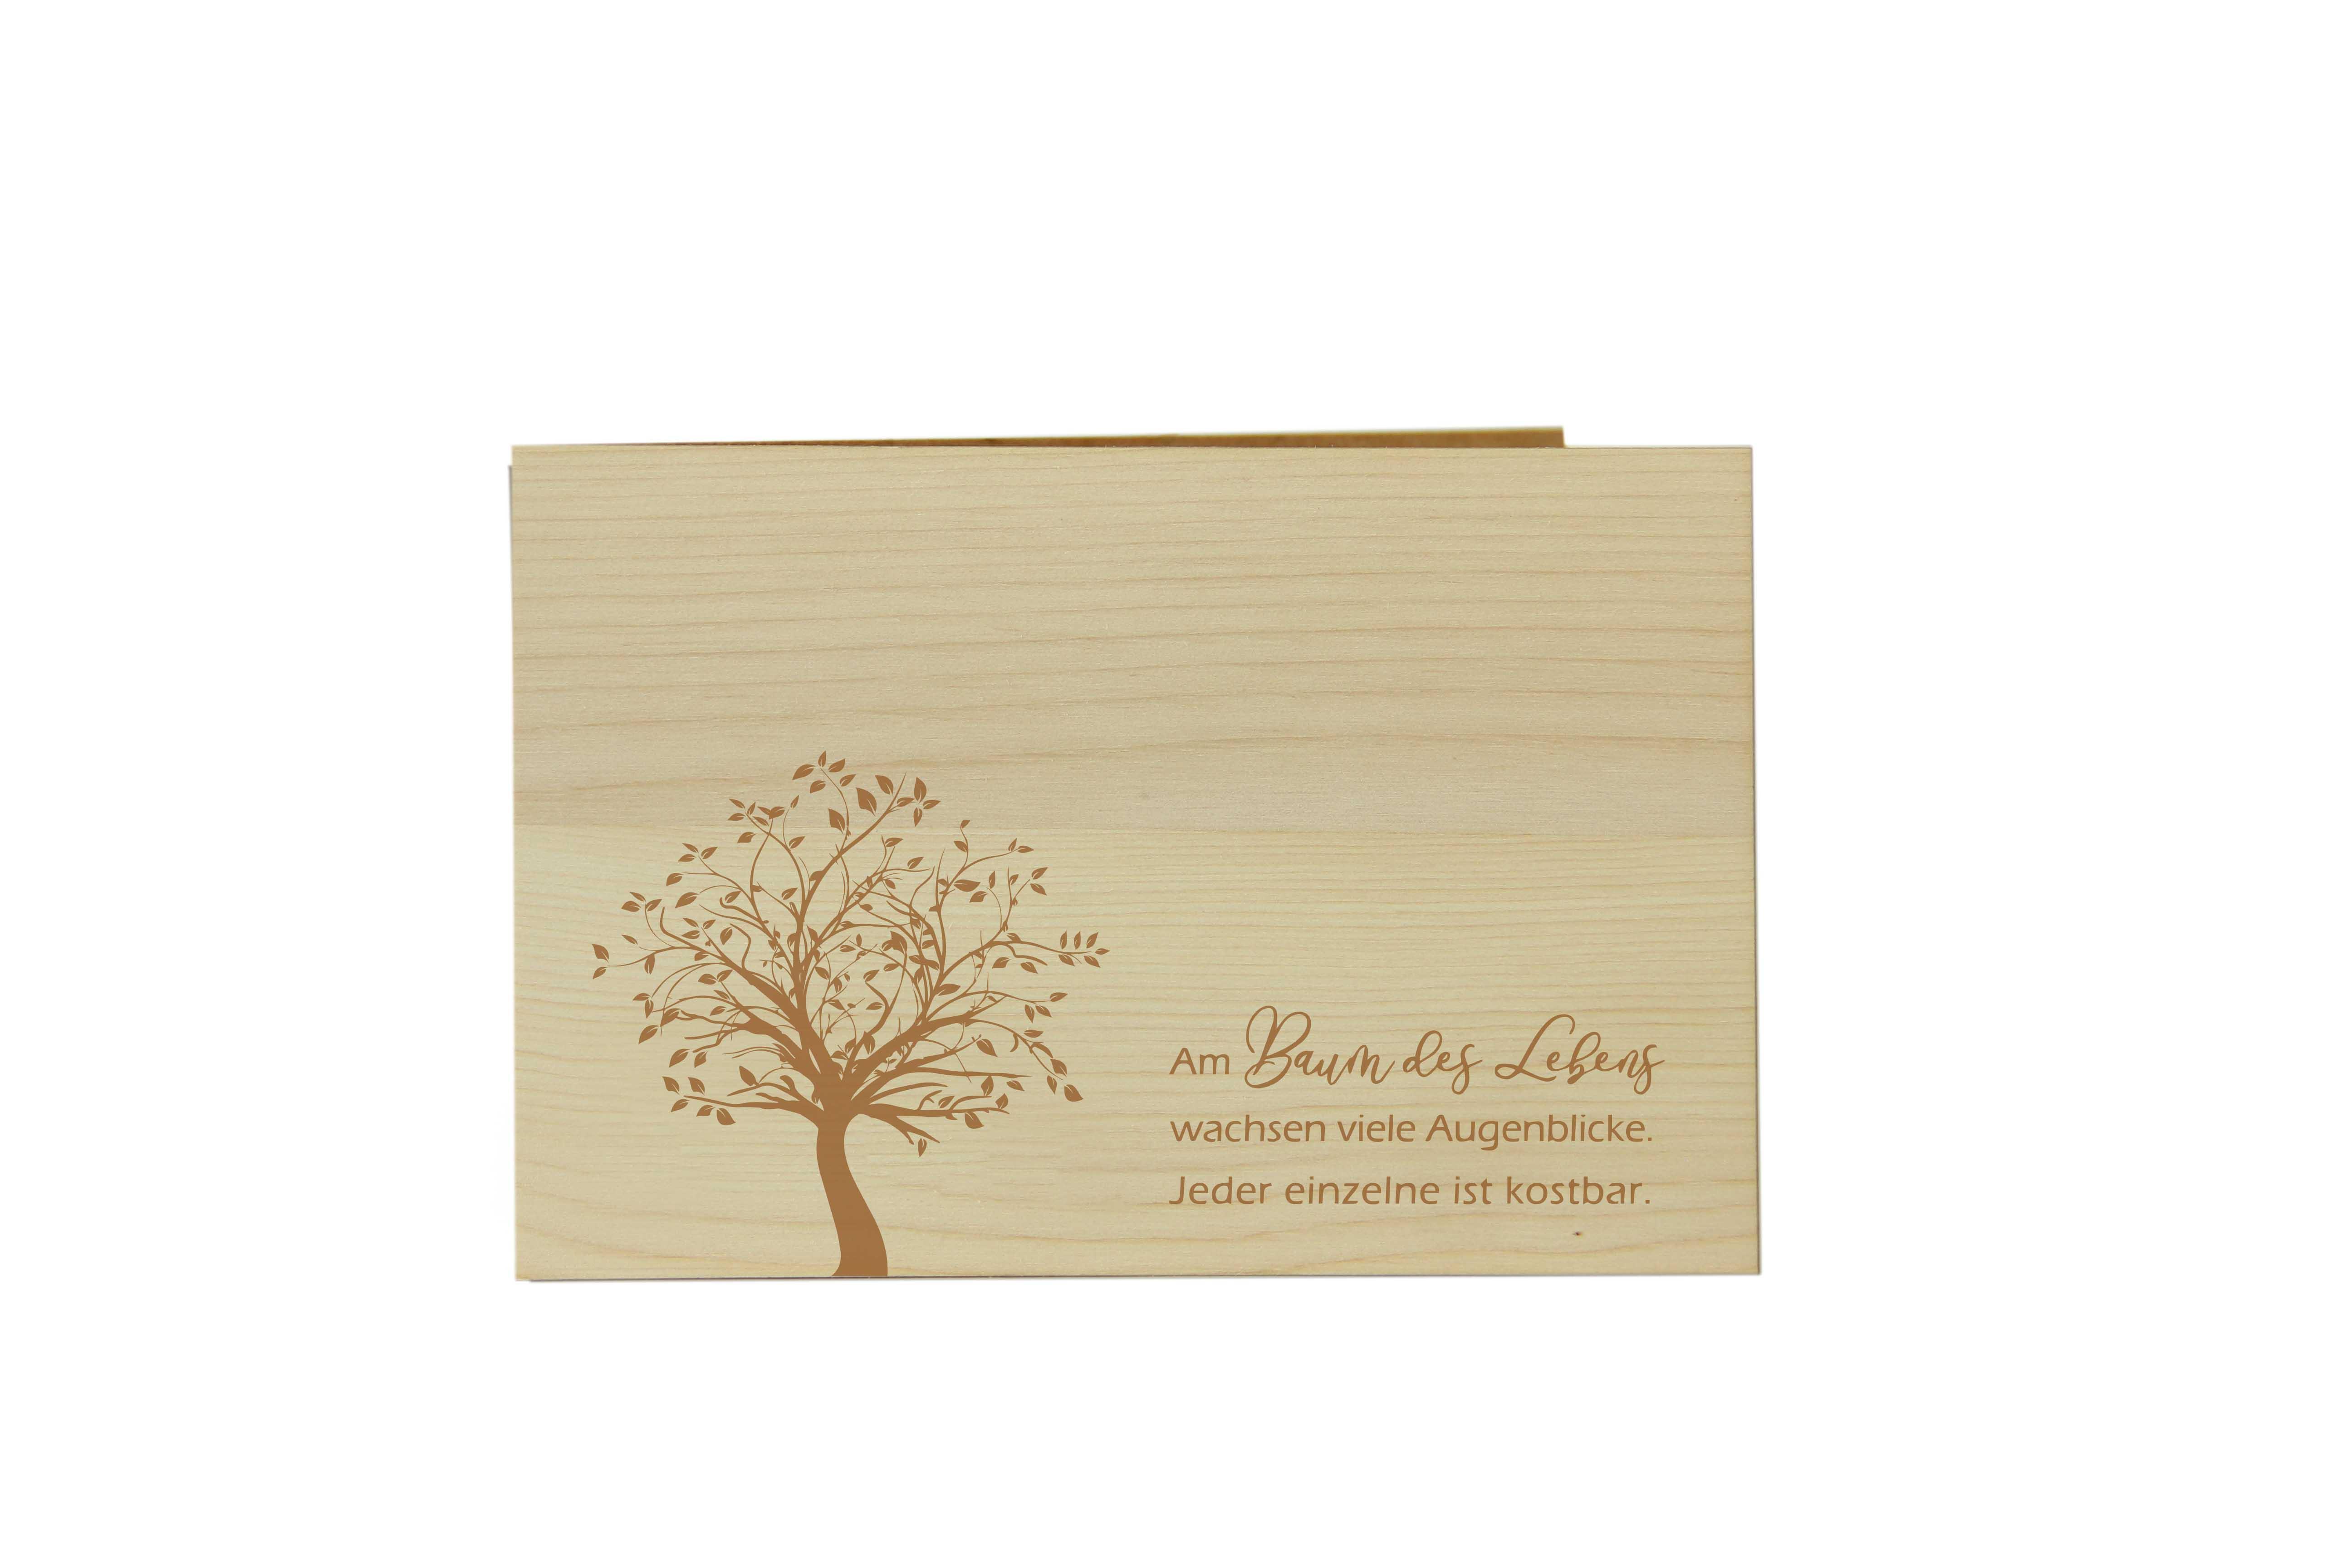 Original Holzgrußkarte - BAUM DES LEBENS - 100% handmade in Österreich, aus Zirbenholz gefertigte Geschenkkarte, Grußkarte, Klappkarte, Postkarte